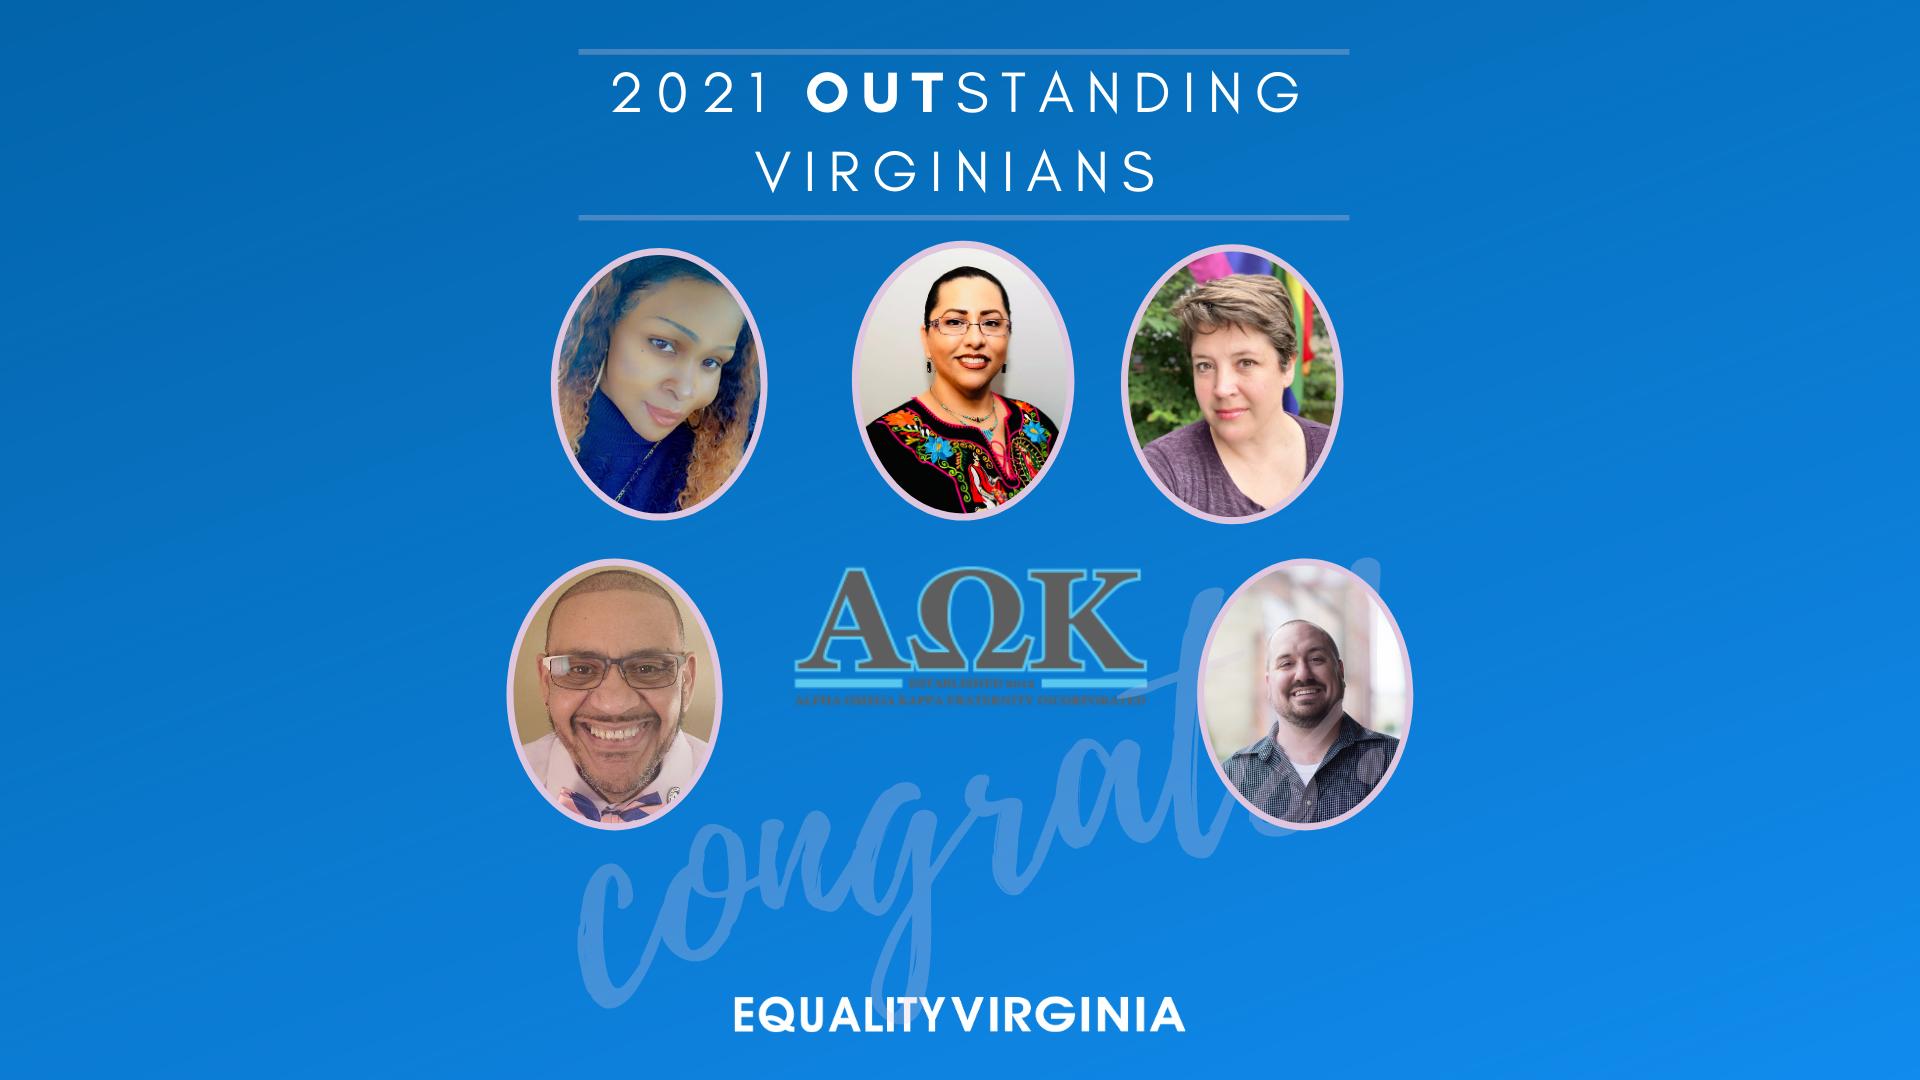 OUTstanding Virginians 2021